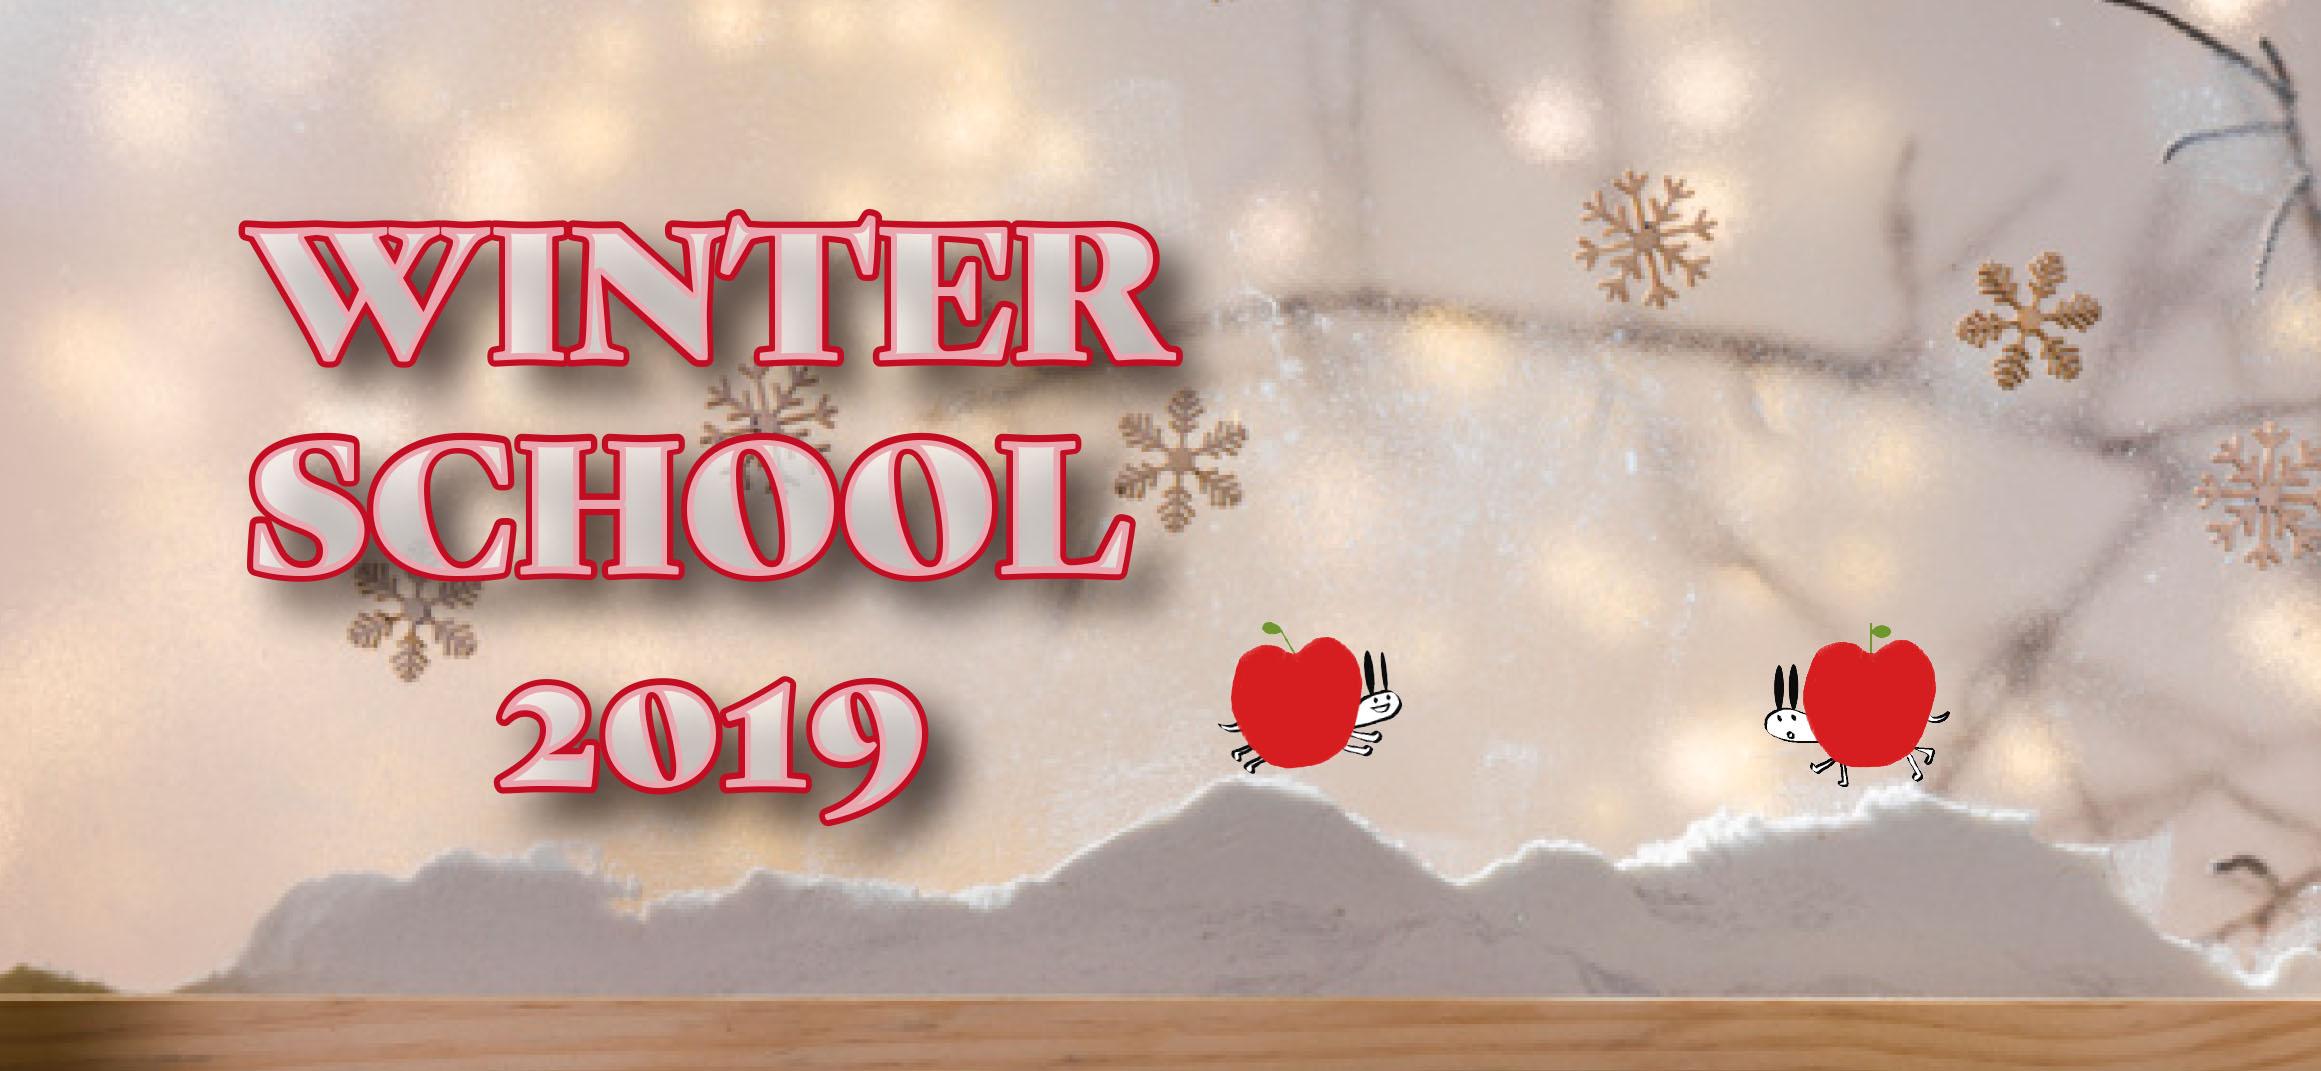 winterschoollogo2029